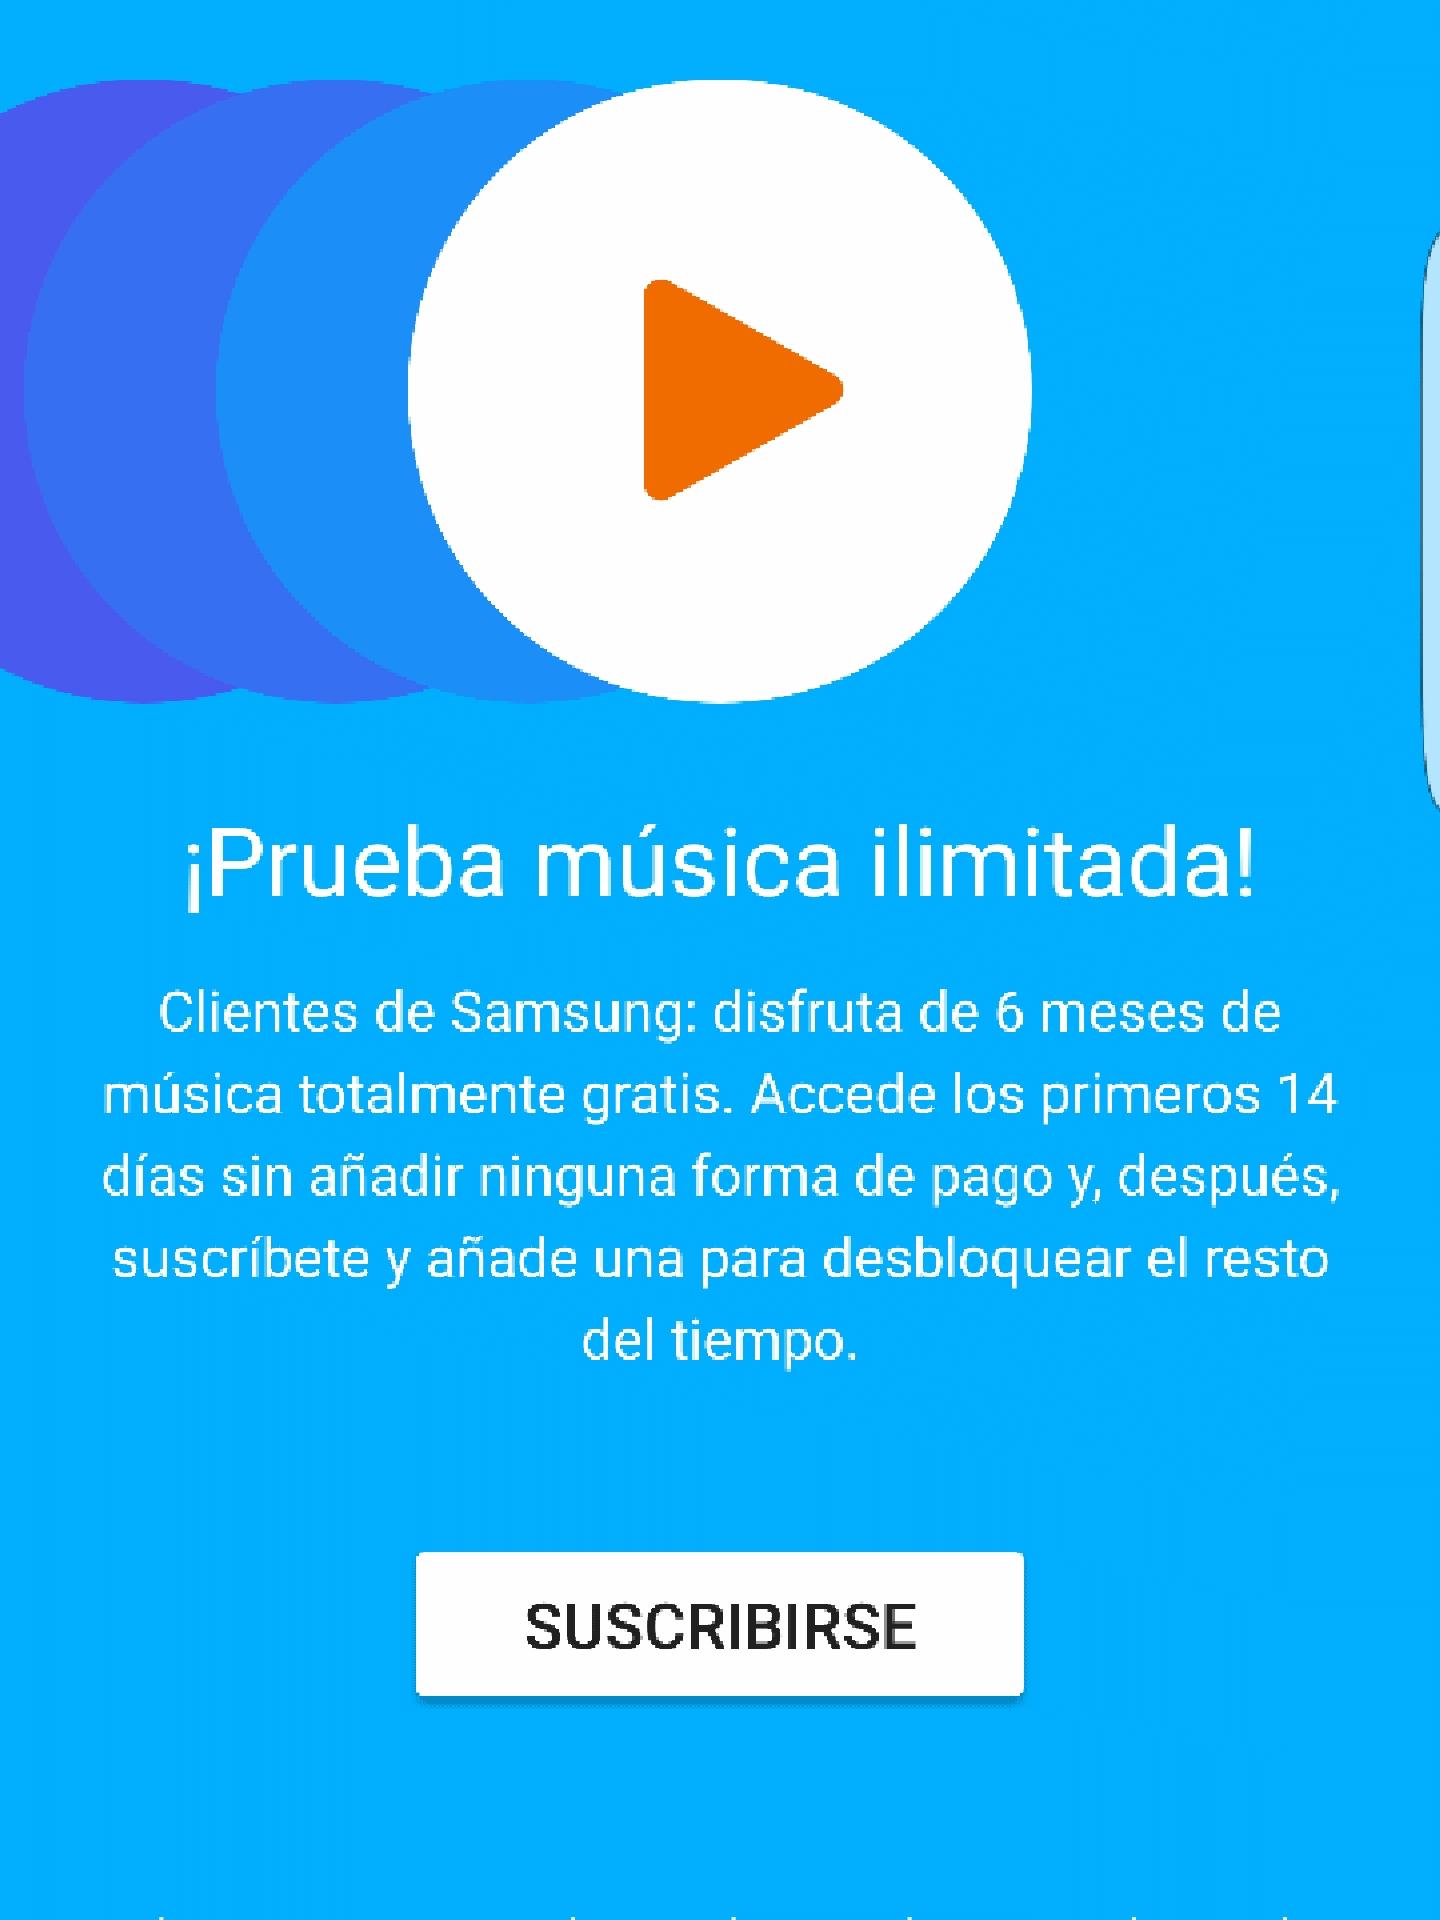 Google Play Music: 6 Meses Gratis (Usuarios Samsung) (Leer Terminos y Condiciónes)